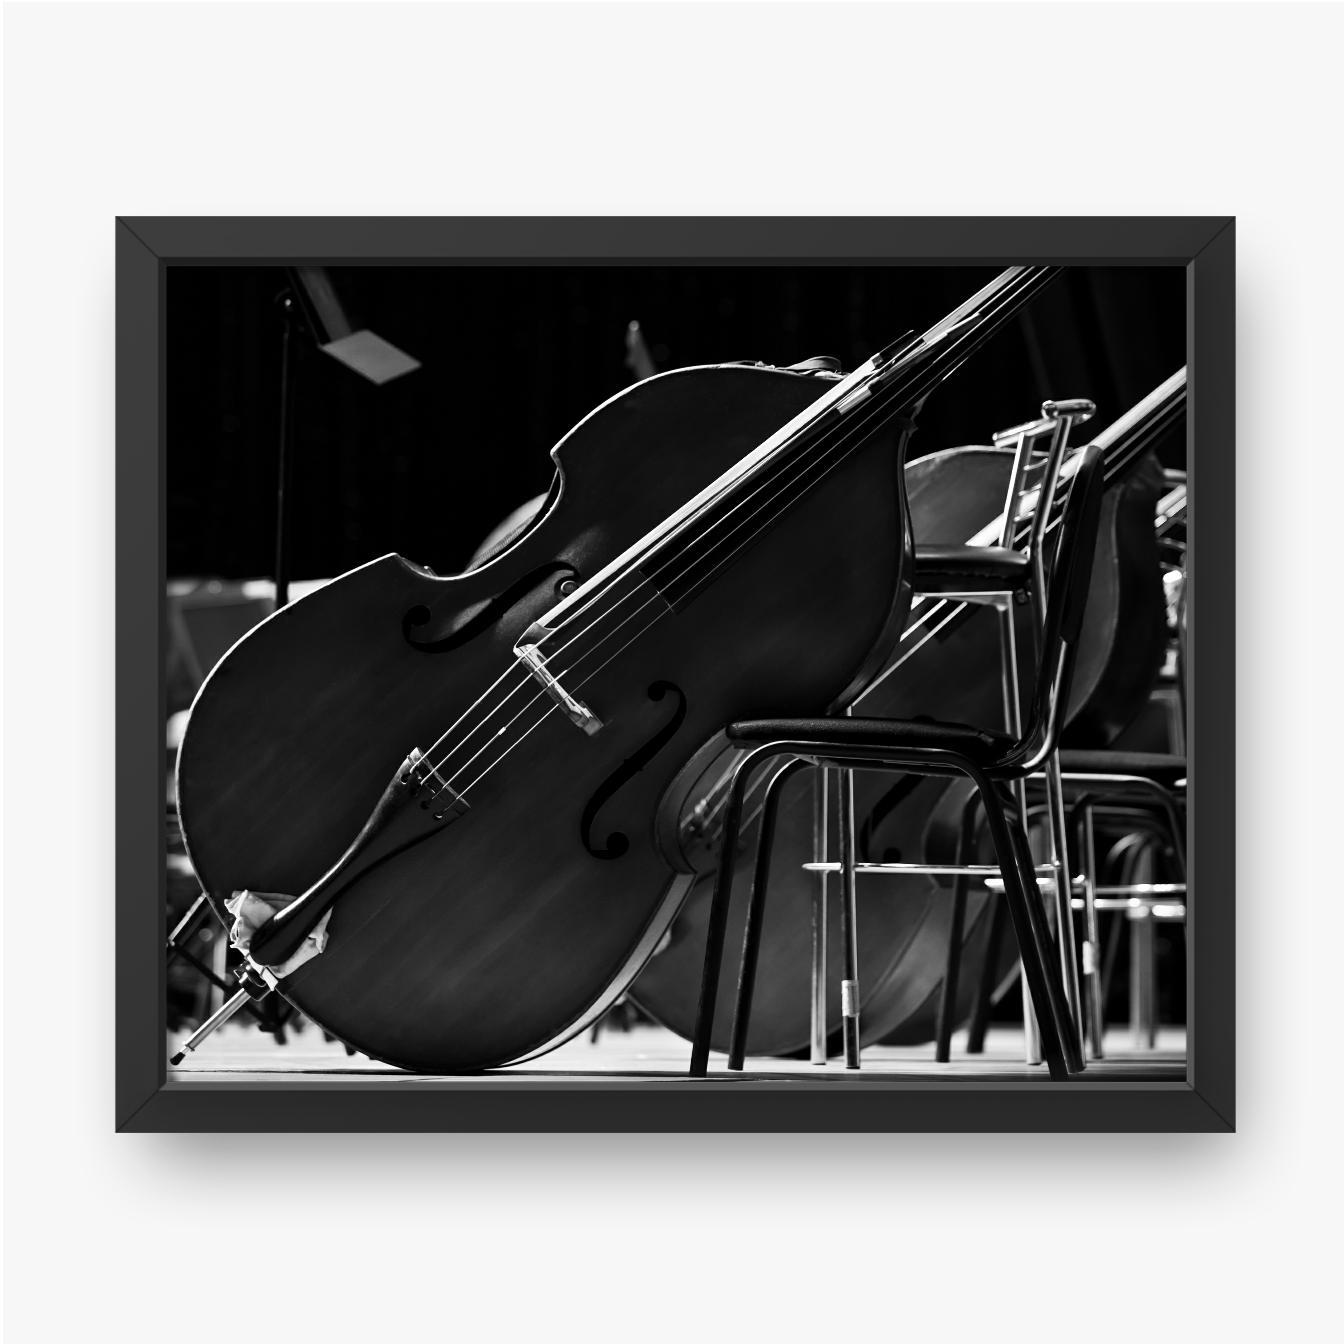 Kontrabass auf der Bühne hautnah